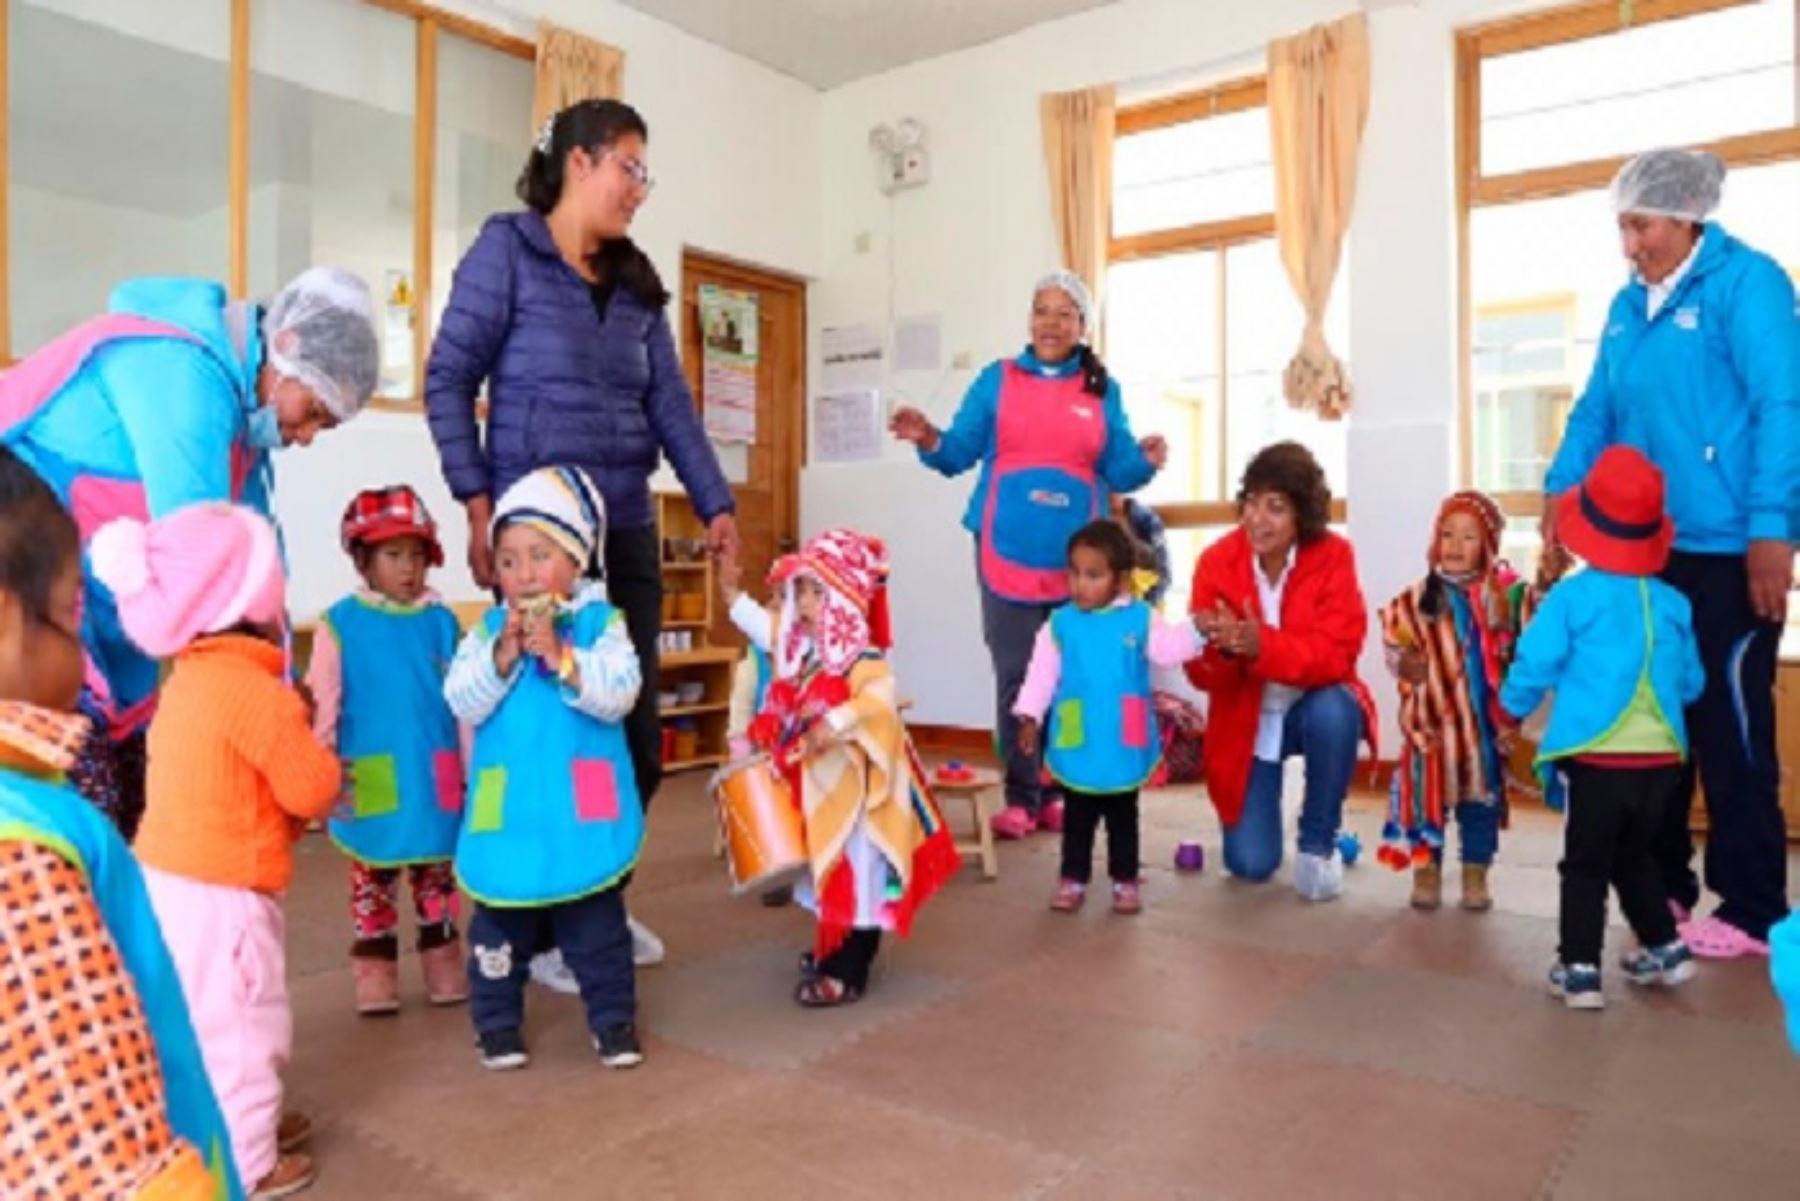 """A la fecha, el Programa Nacional Cuna Más (PNCM) del Ministerio de Desarrollo e Inclusión Social (Midis), entregó 10,671 kits de abrigo para menores, gestantes y actores comunales de sus servicios de Acompañamiento a Familias (SAF) y de Cuidado Diurno (SCD), en el departamento de Puno, dentro del """"Plan Multisectorial ante Heladas y Friaje 2019-2021""""."""